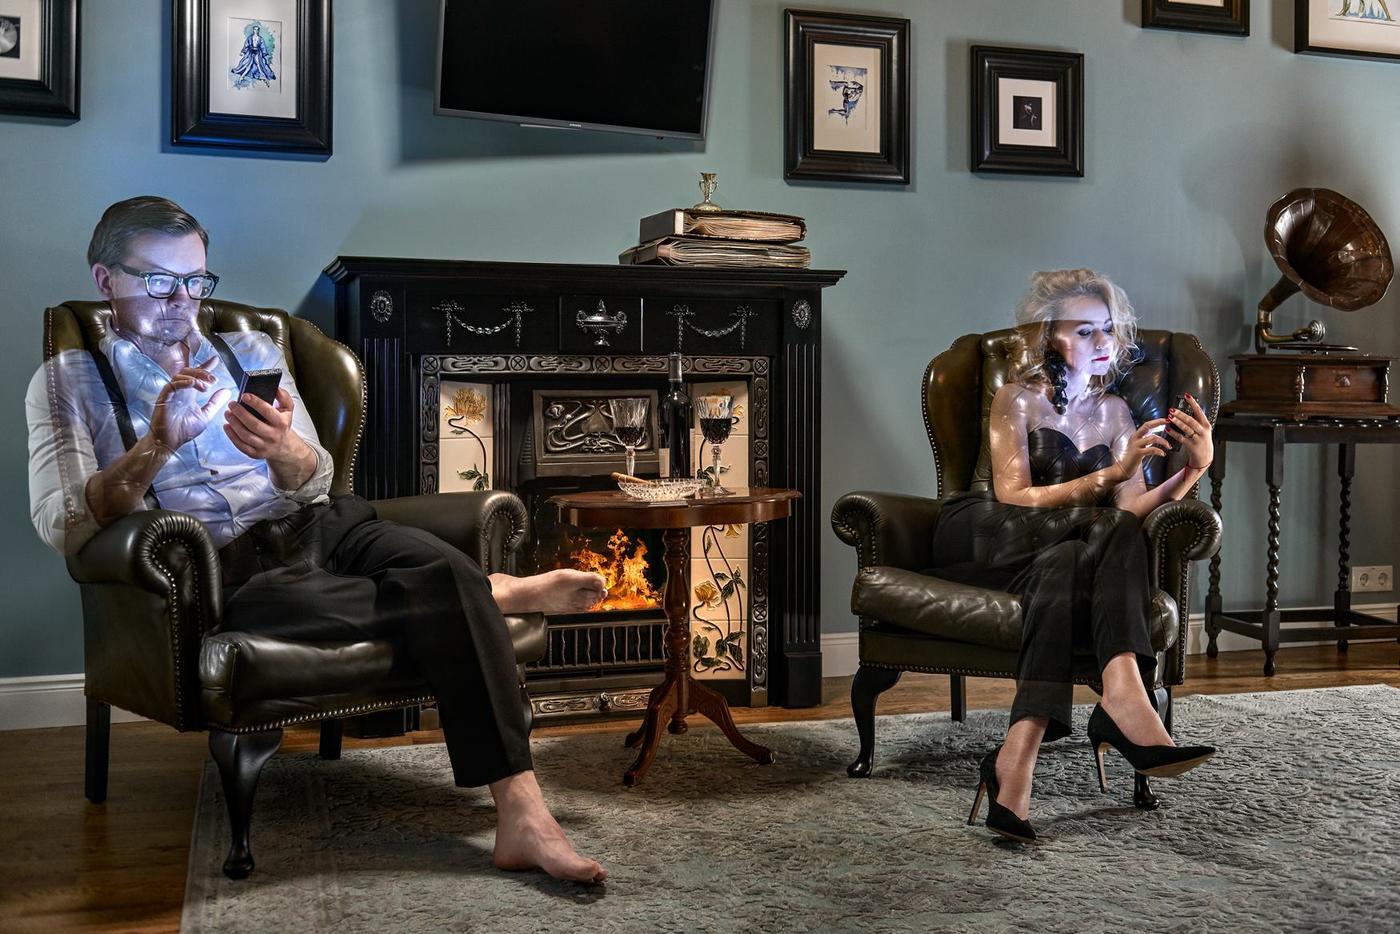 20 картинок о том, как телефоны медленно, но верно разрушают наши жизни